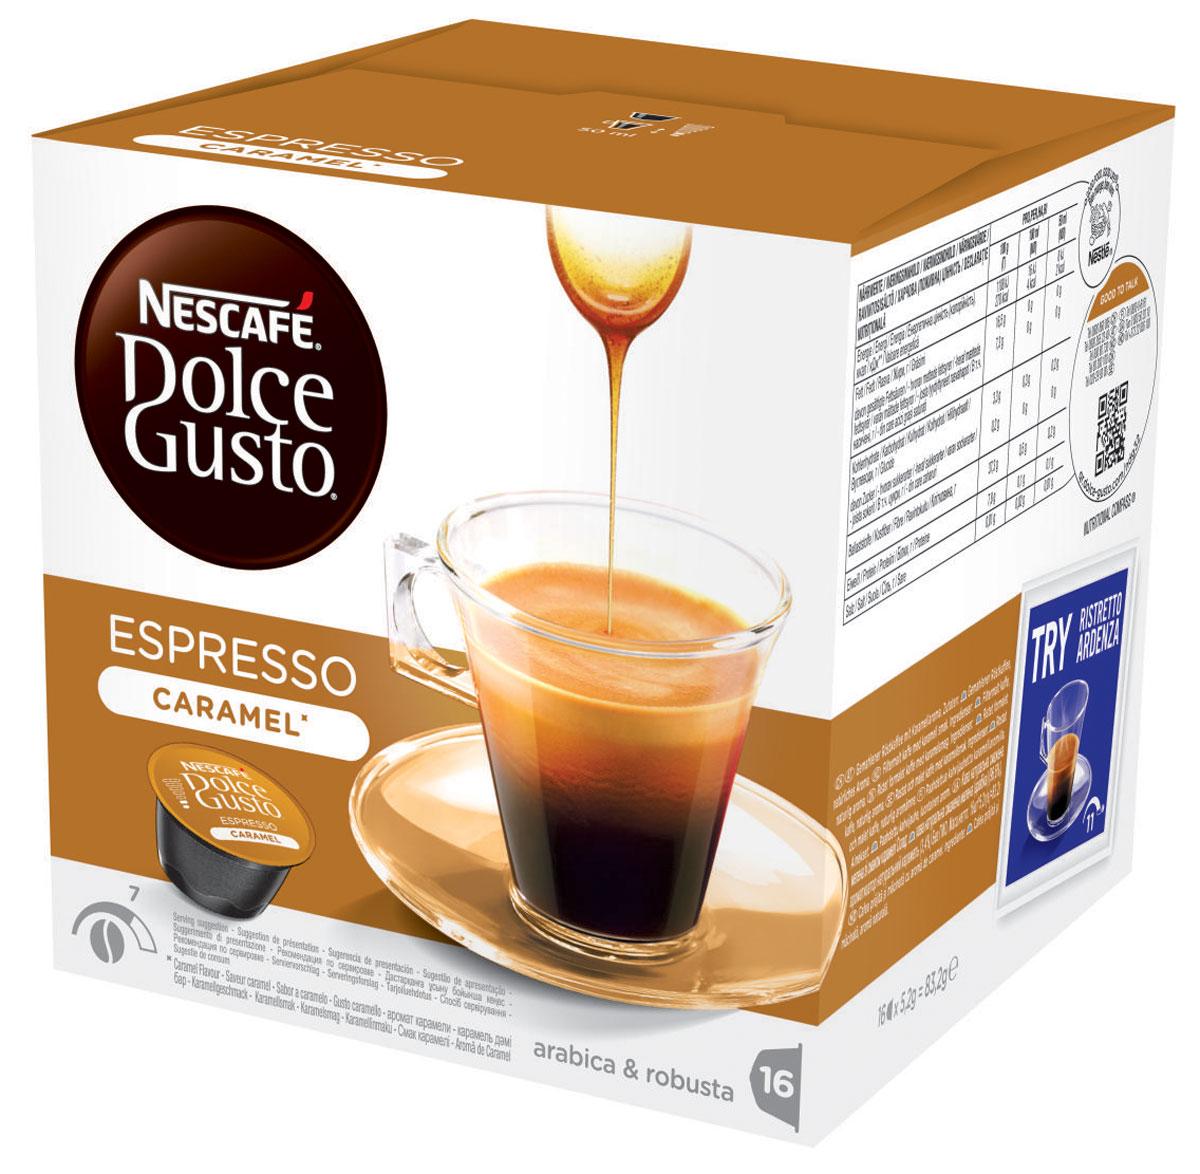 Nescafe Dolce Gusto Espresso Caramel кофе в капсулах, 16 шт12128780Nescafe Dolce Gusto Espresso Caramel – нечто особенное. Если вы обожаете эспрессо или хотите попробовать что-то мягкое, нежное и в то же время насыщенное, думаем, вам понравится эспрессо со вкусом карамели. Этот капсульный кофе с ненавязчивыми карамельными нотками абсолютно фантастично впишется в ваш день. Карамельный эспрессо просто блестяще подходит для любого случая – от ежедневного утреннего ритуала до самого особенного вечера.Кофе: мифы и факты. Статья OZON Гид